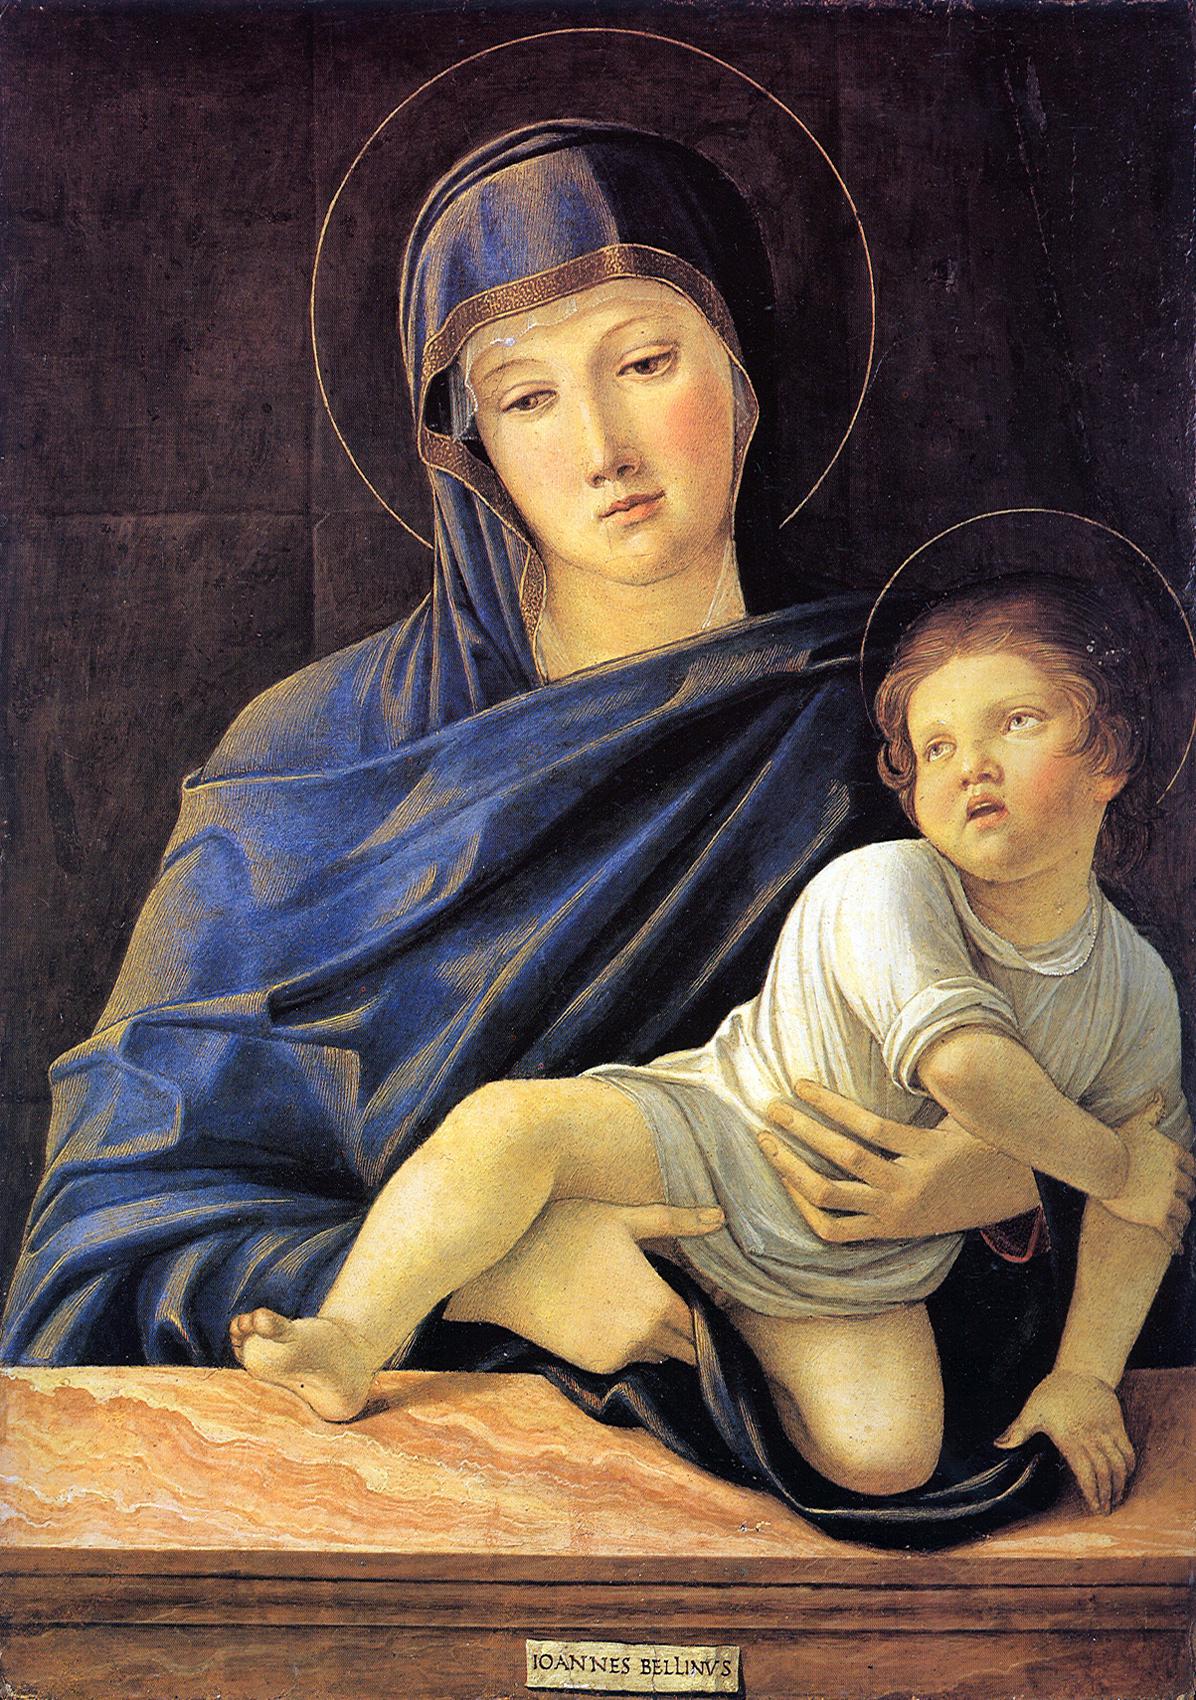 Bellini: